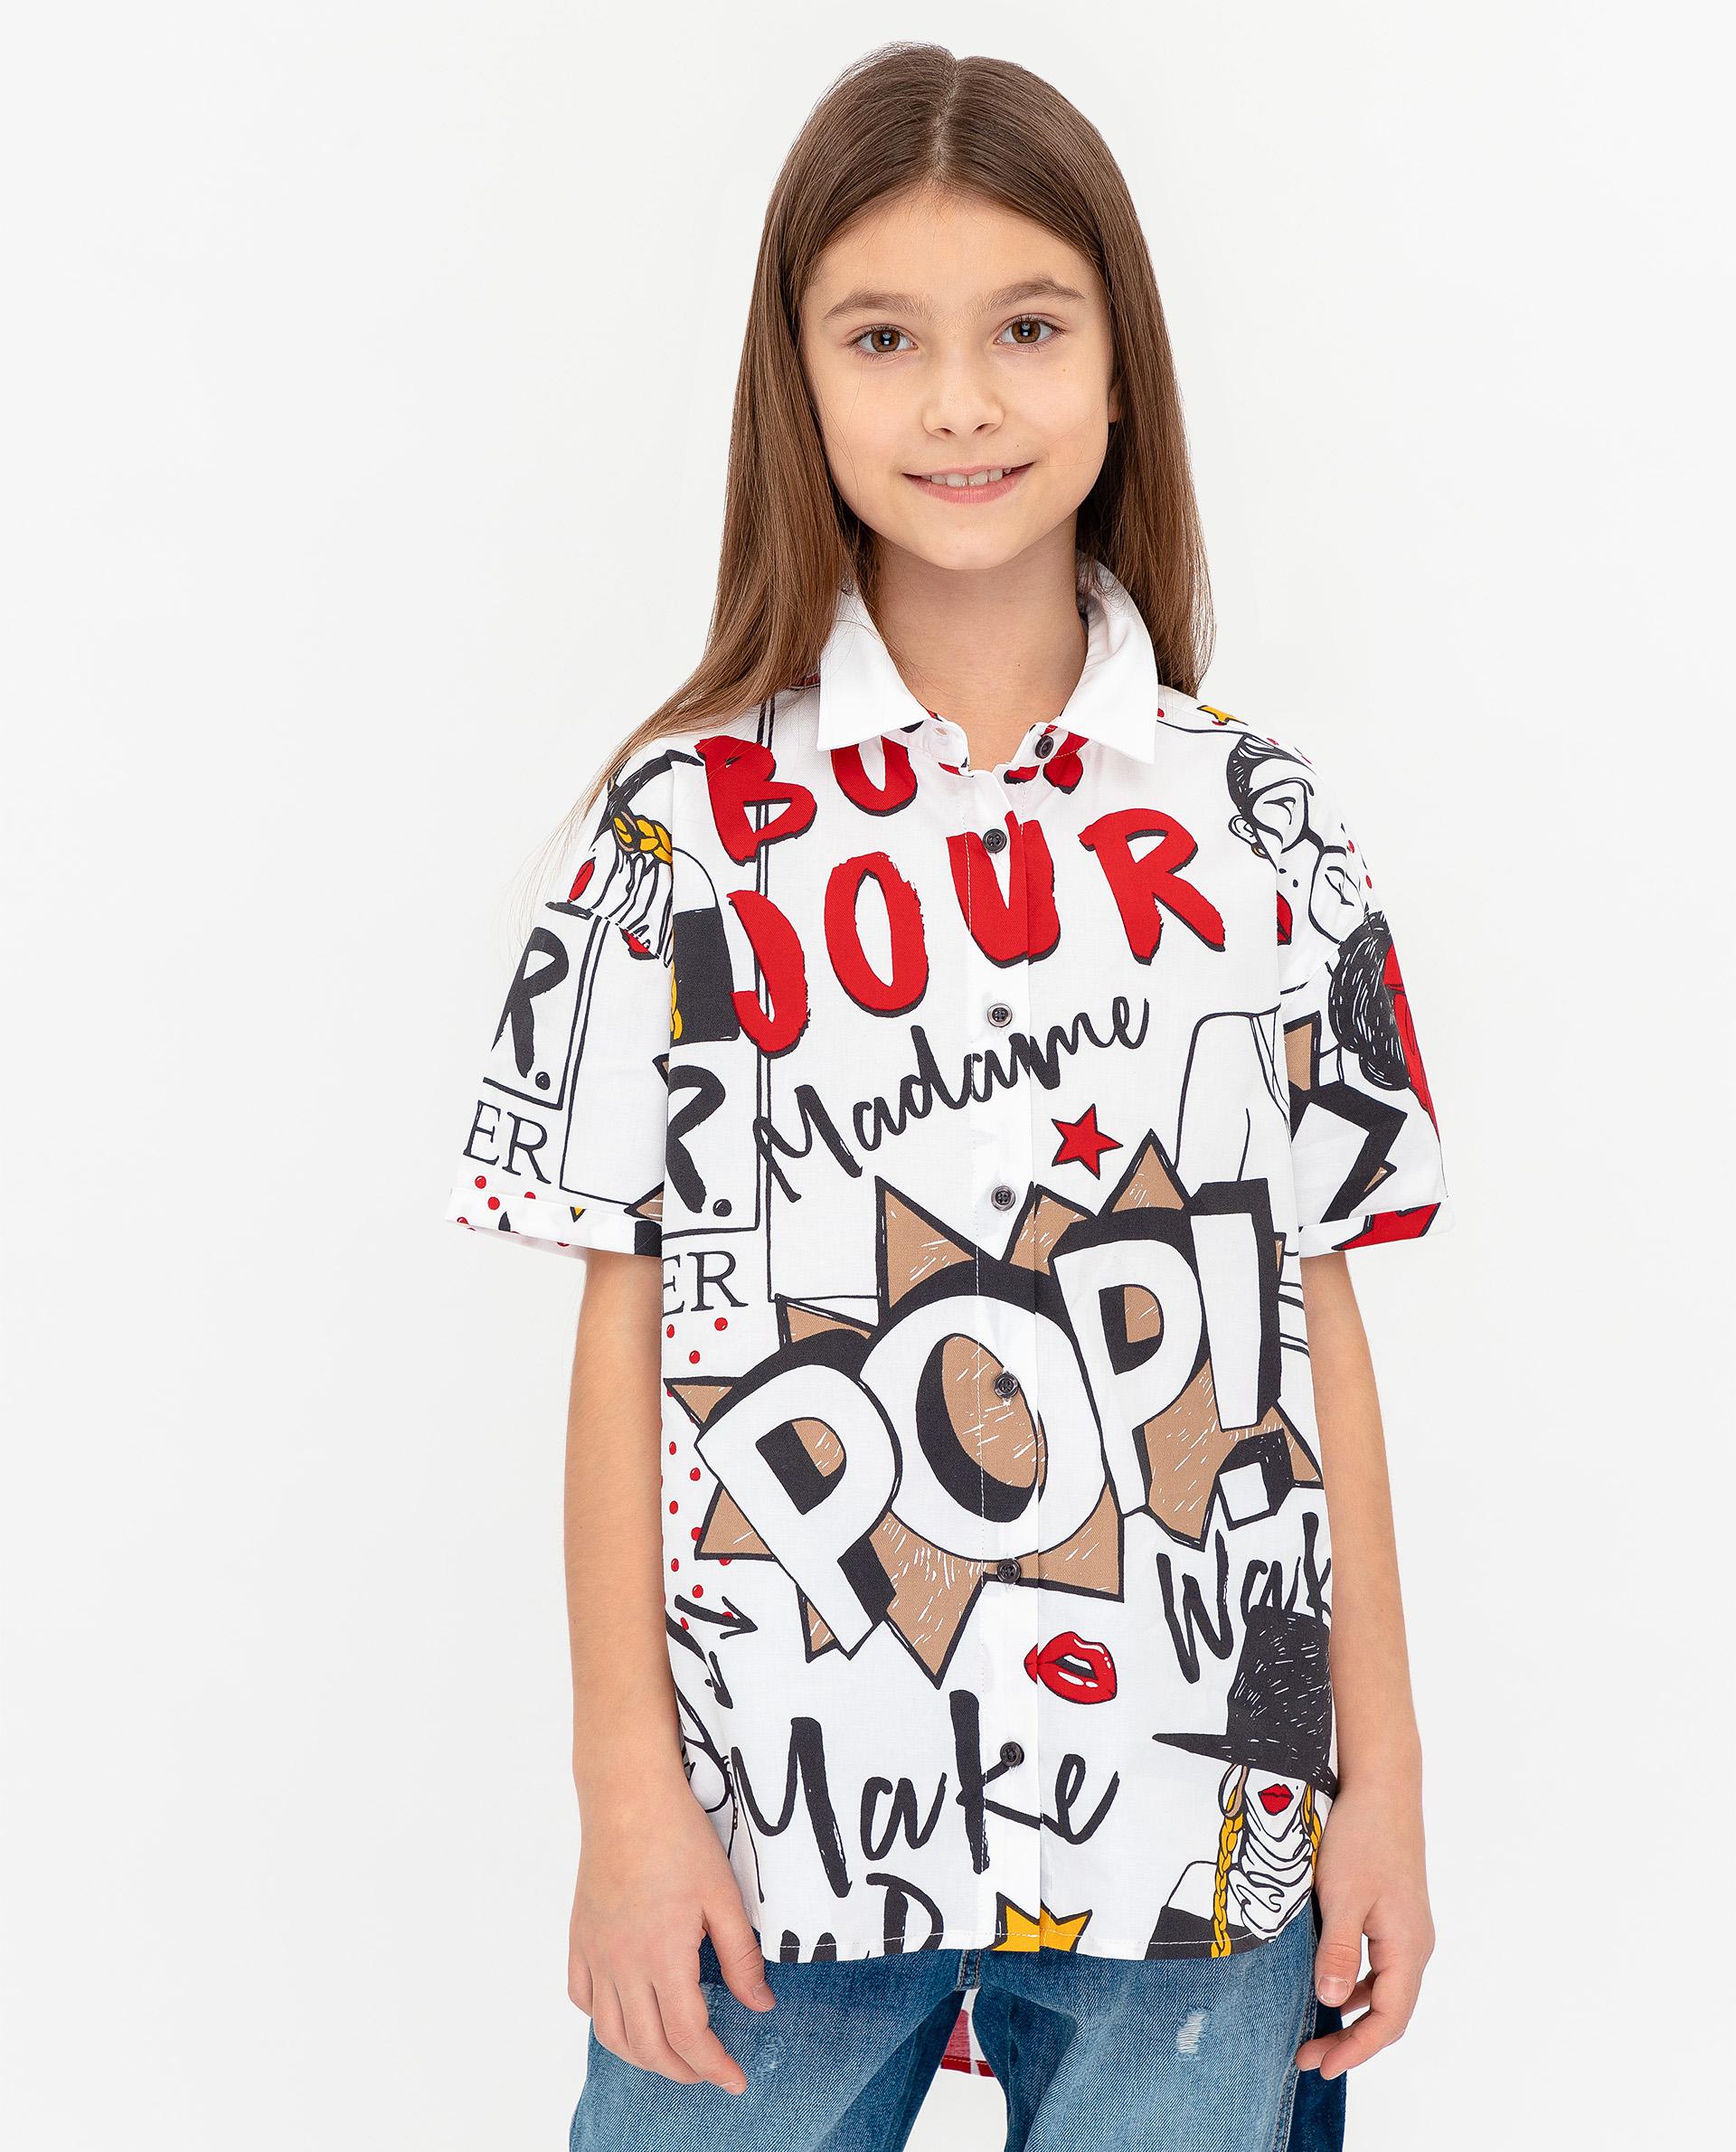 Купить 12008GJC2204, Рубашка с принтом Gulliver, белый, 134, Женский, ВЕСНА/ЛЕТО 2020 (shop: GulliverMarket Gulliver Market)